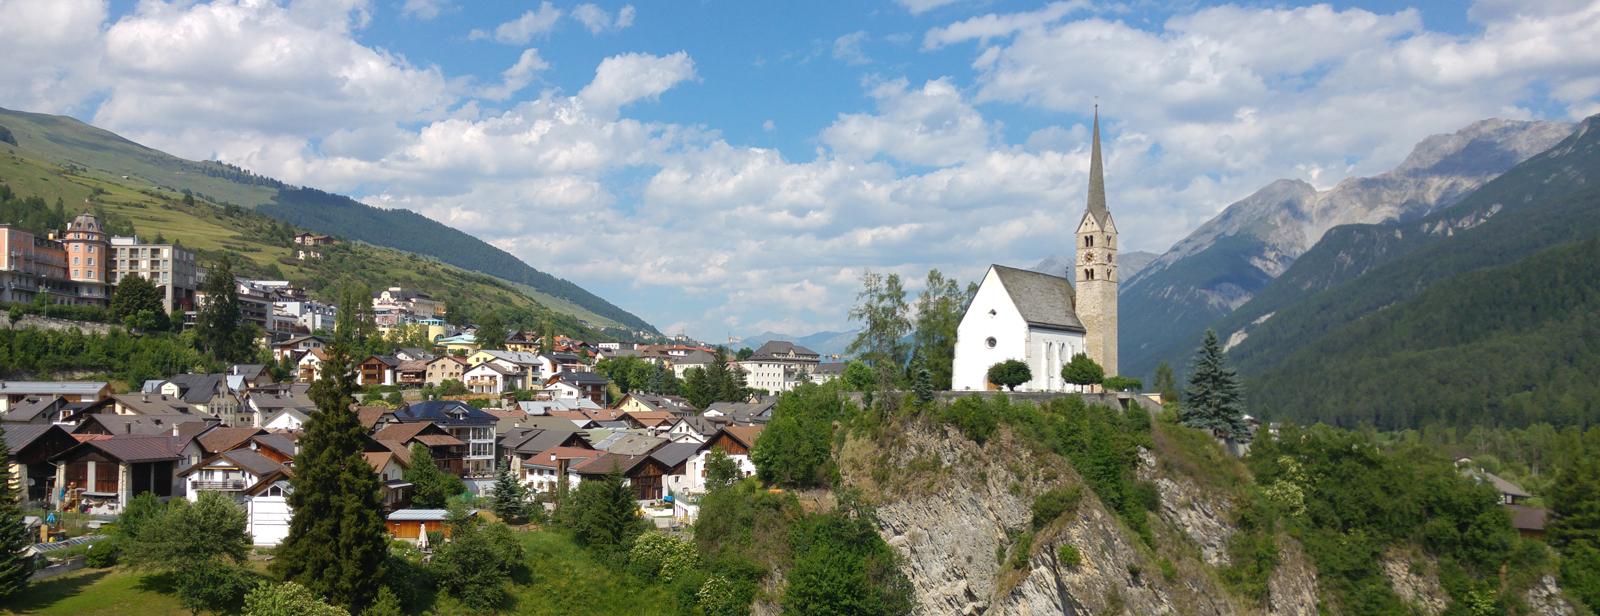 München bis Scuol - Anreise mit Bergsicht